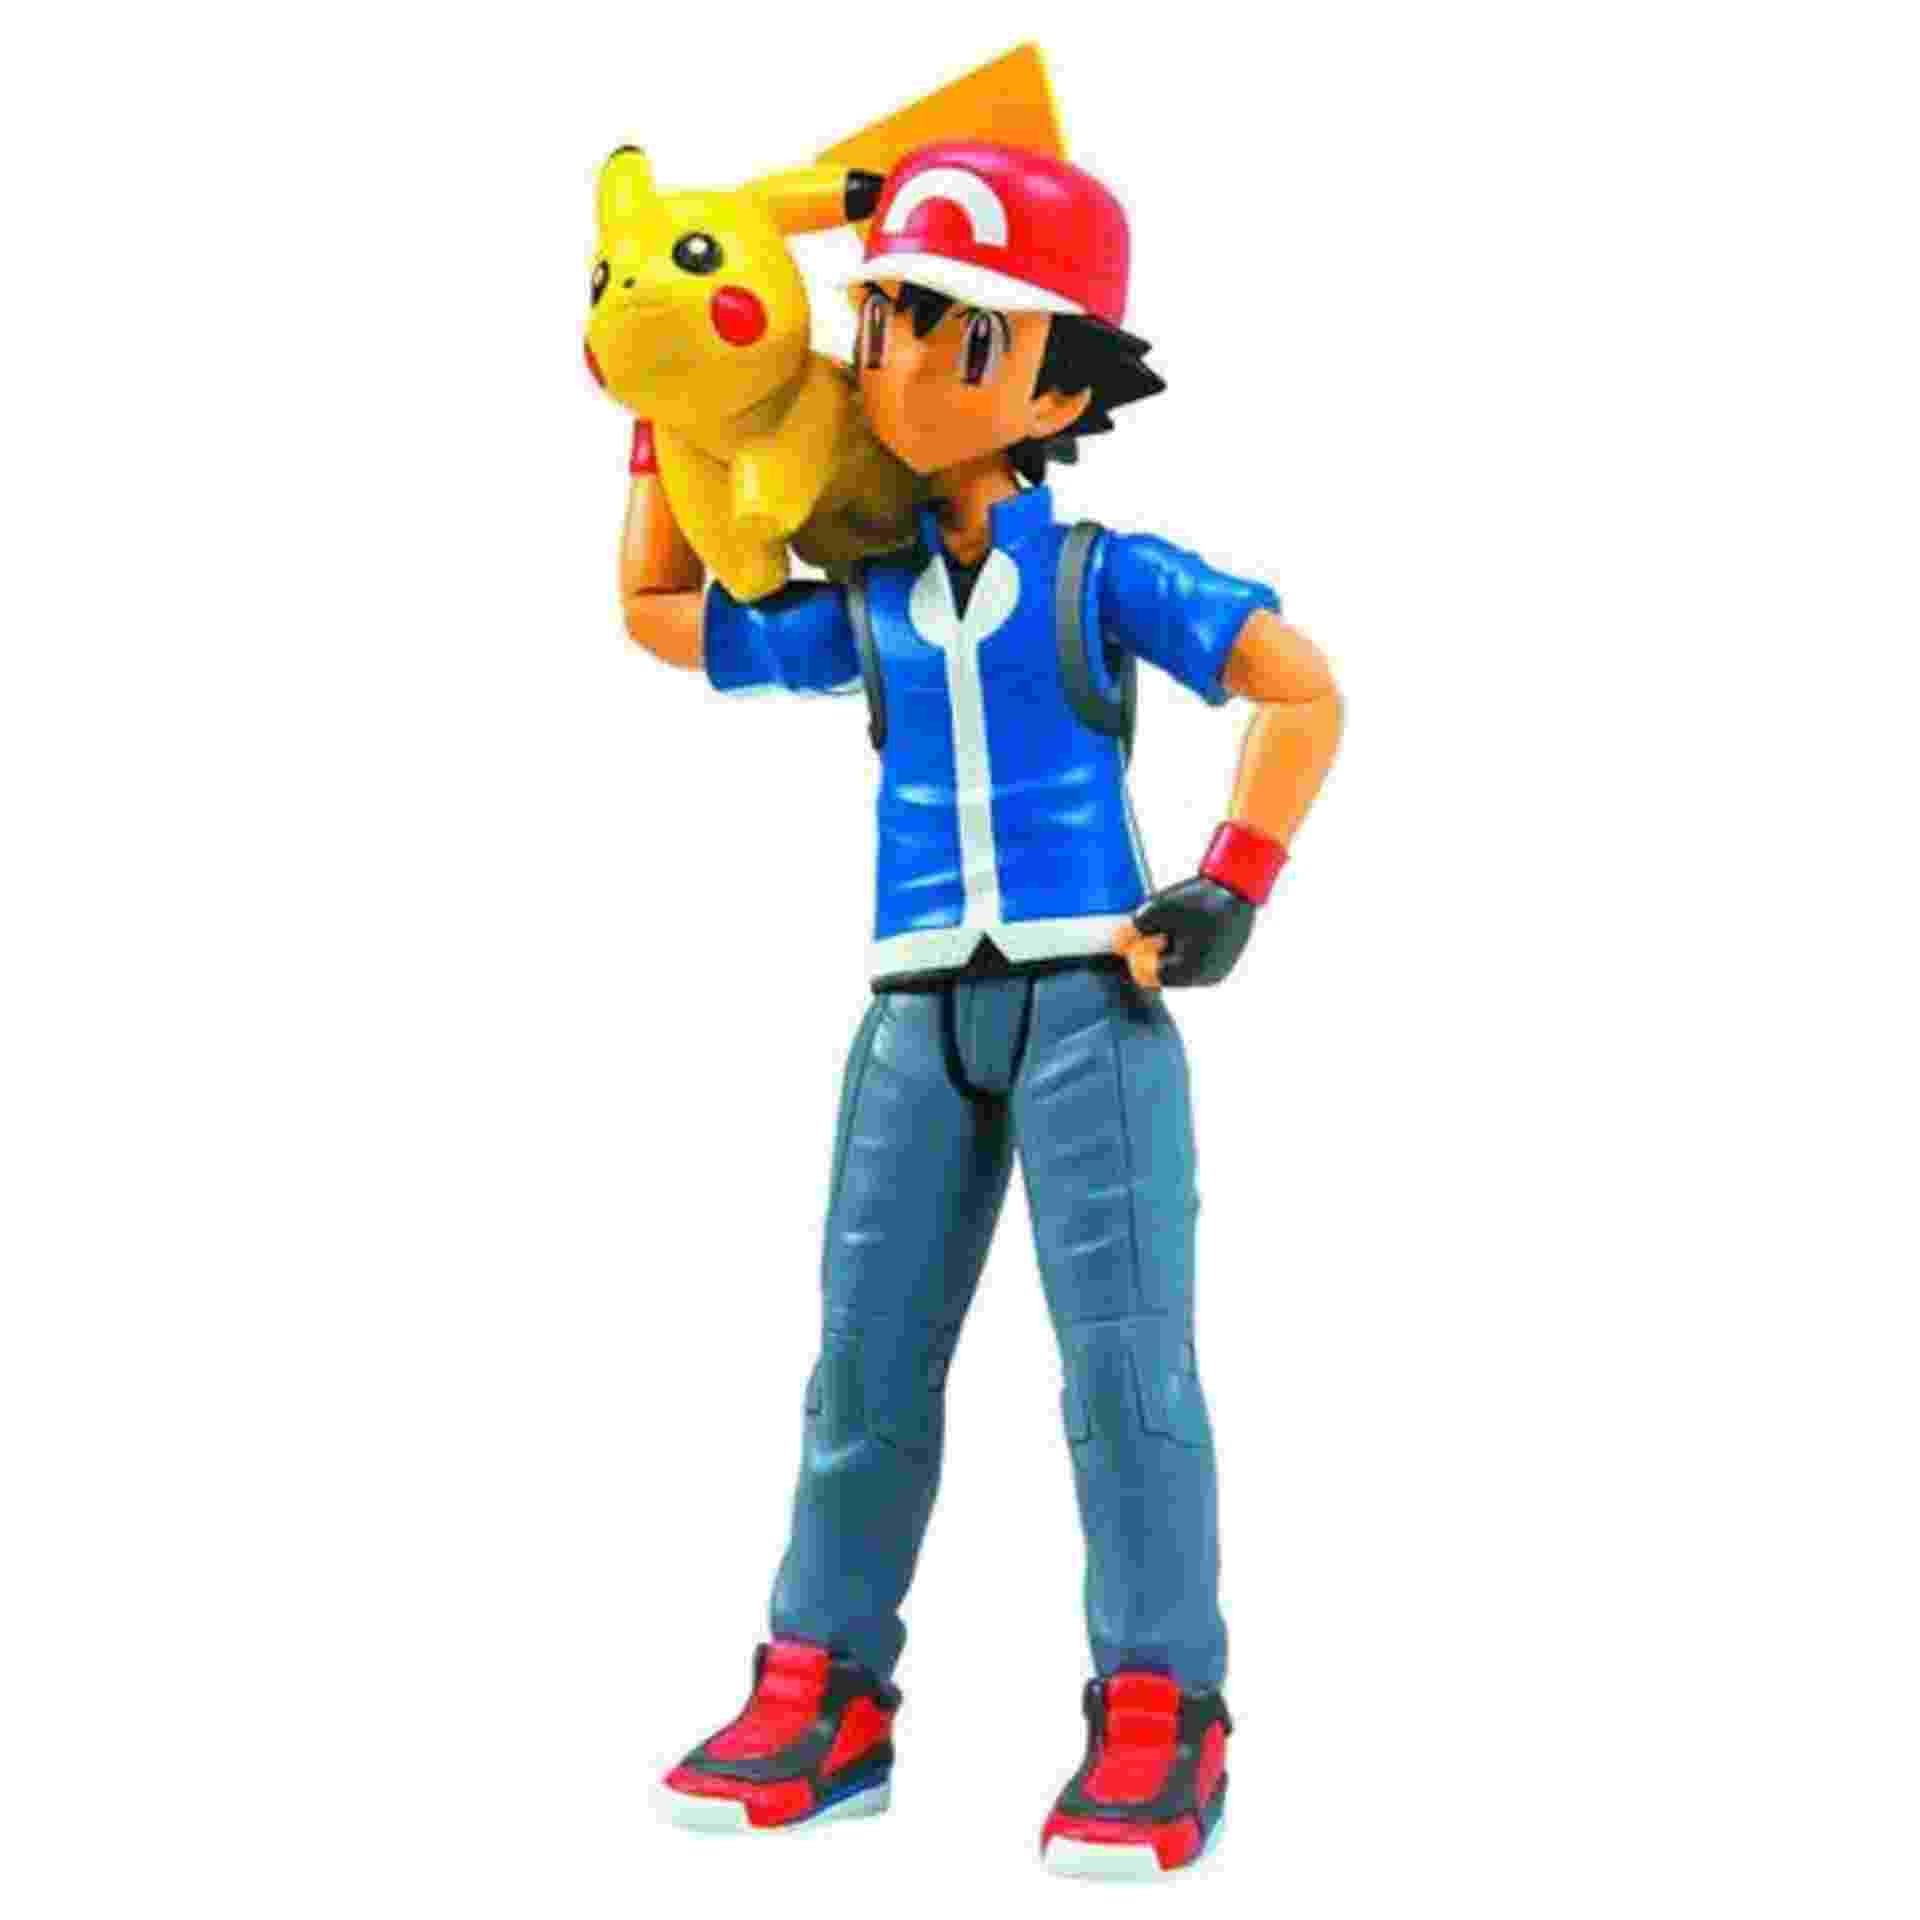 A miniatura do personagem principal do desenho, Ash, com seu fiel pokémon Pikachu sai por R$ 139,90 na Americanas.com - Divulgação